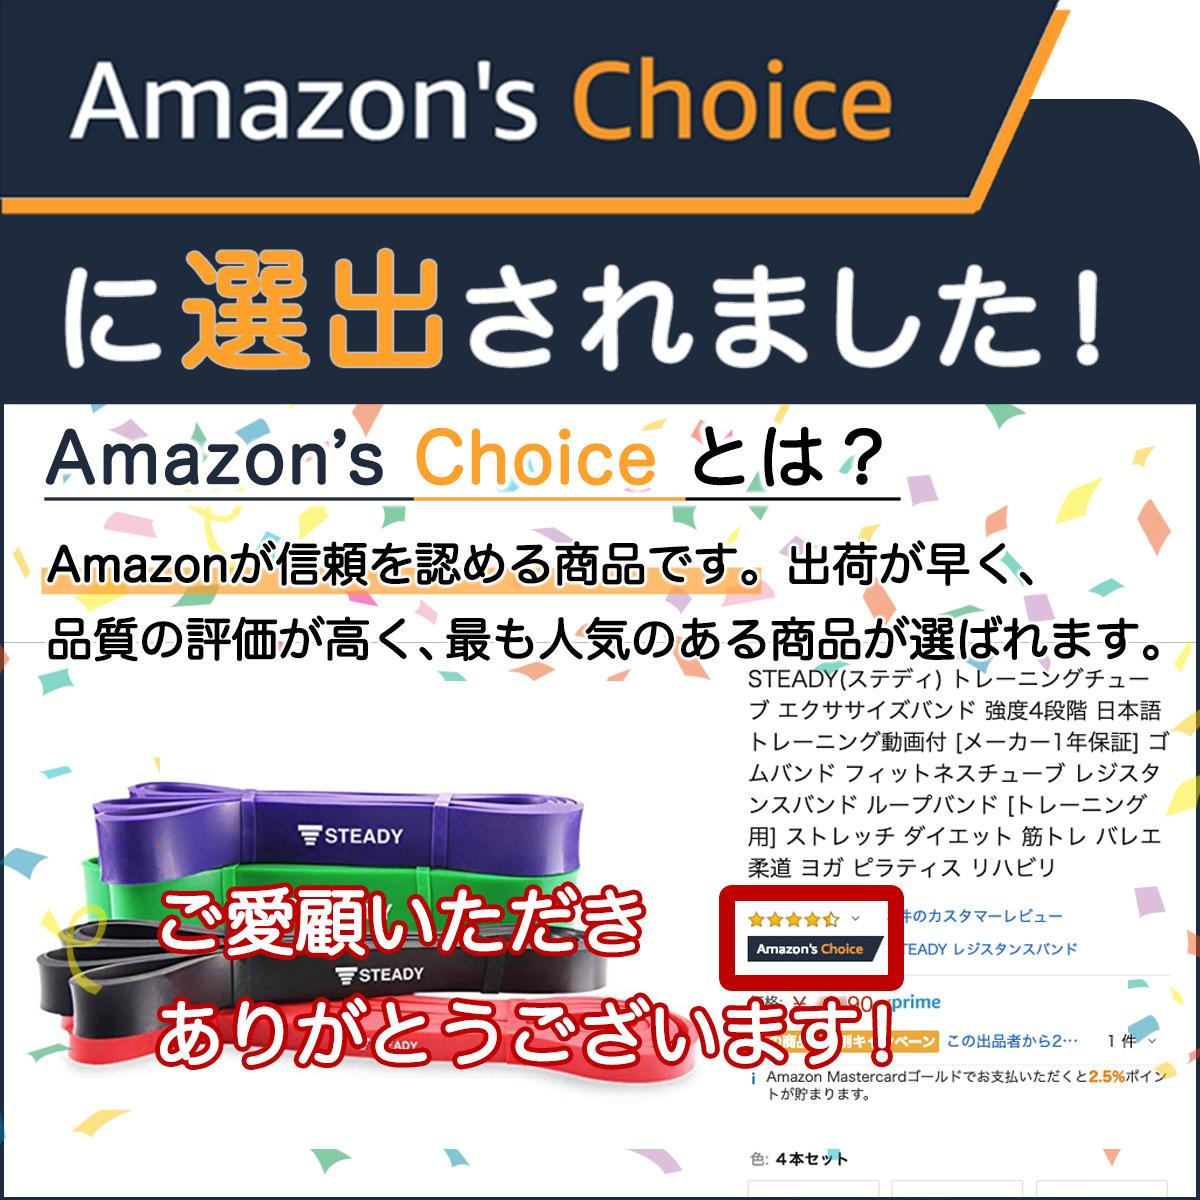 人気で評価の高い商品だけが認定されるamazon's choiceをいただきました。